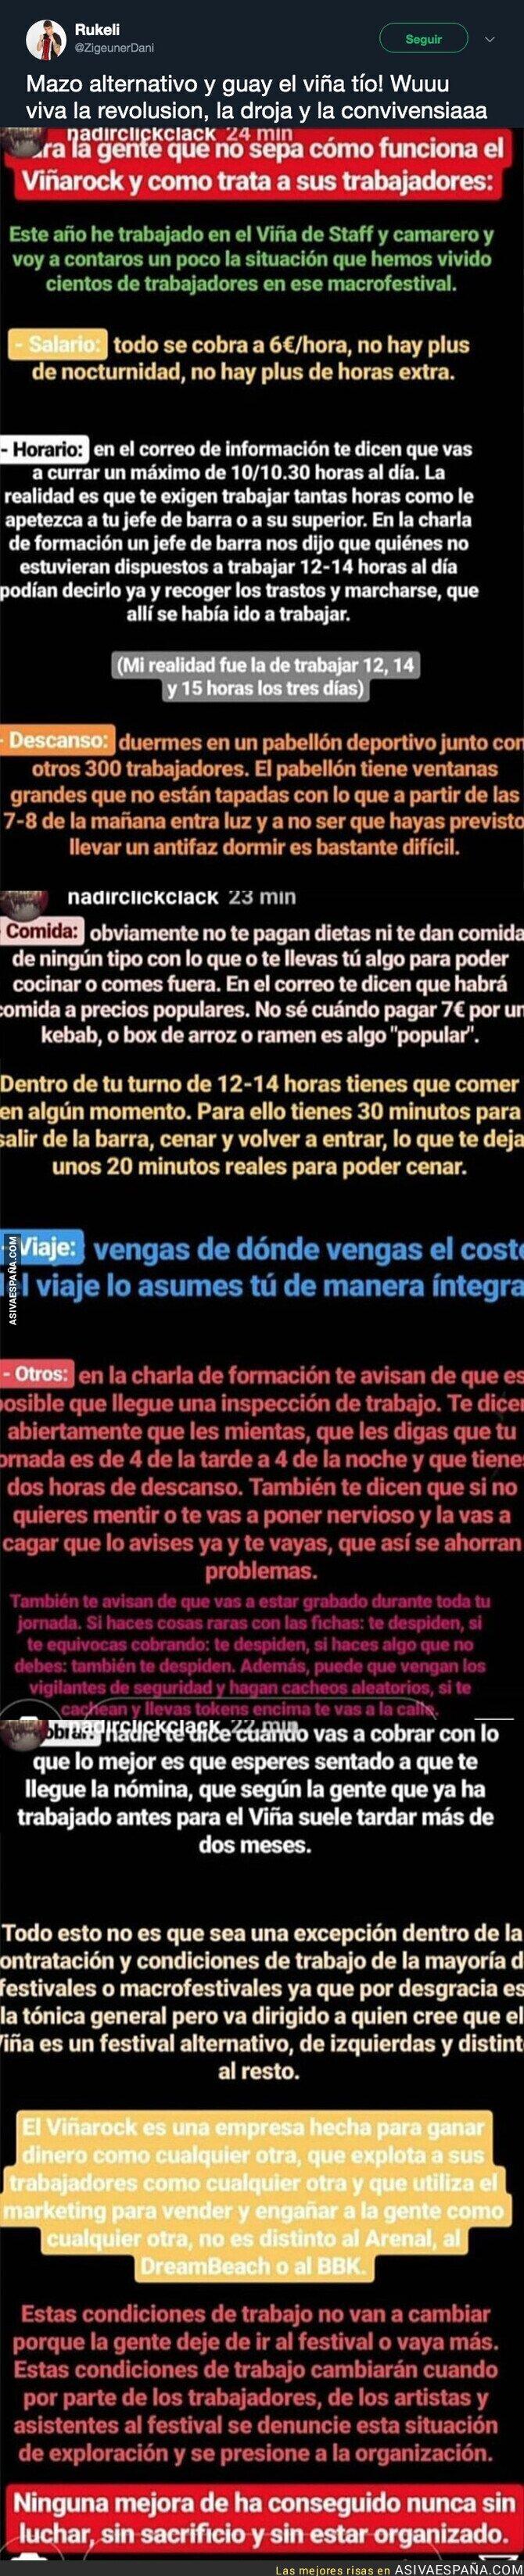 111393 - Las lamentables condiciones laborales que tienen todos los trabajadores en el Viñarock